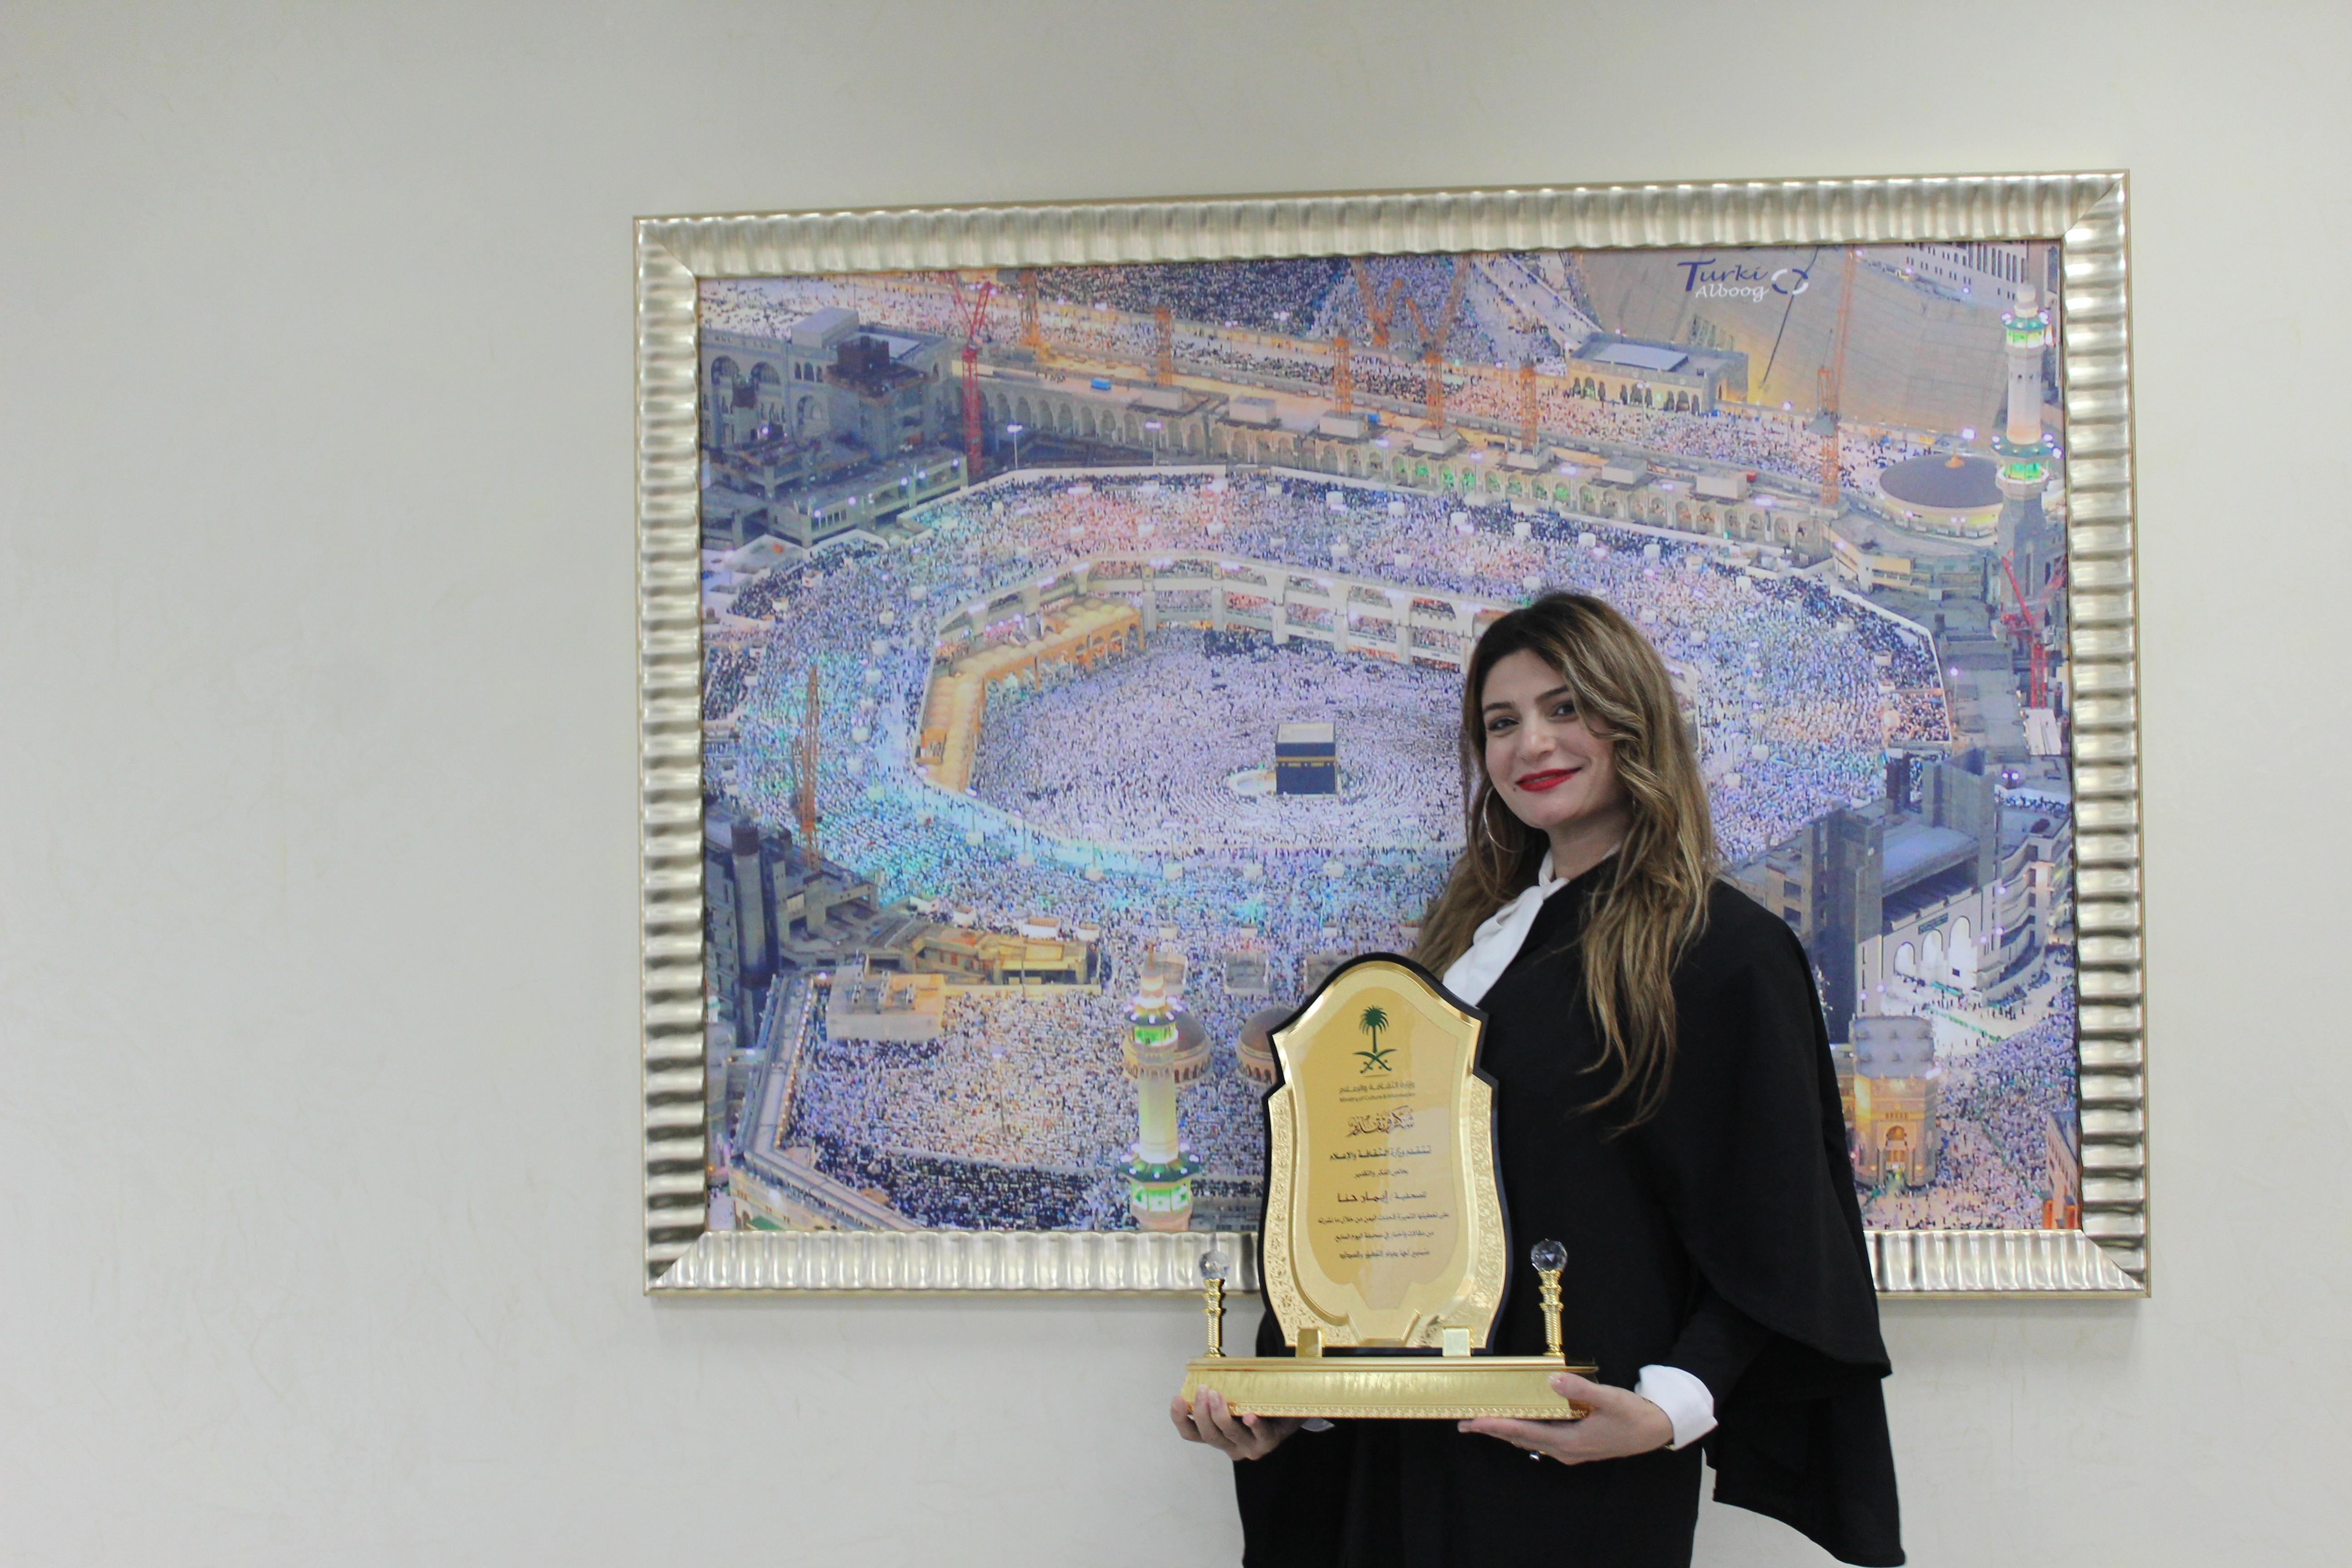 الزميلة إيمان حنا ودرع تكريم وزارة الثقافة والإعلام